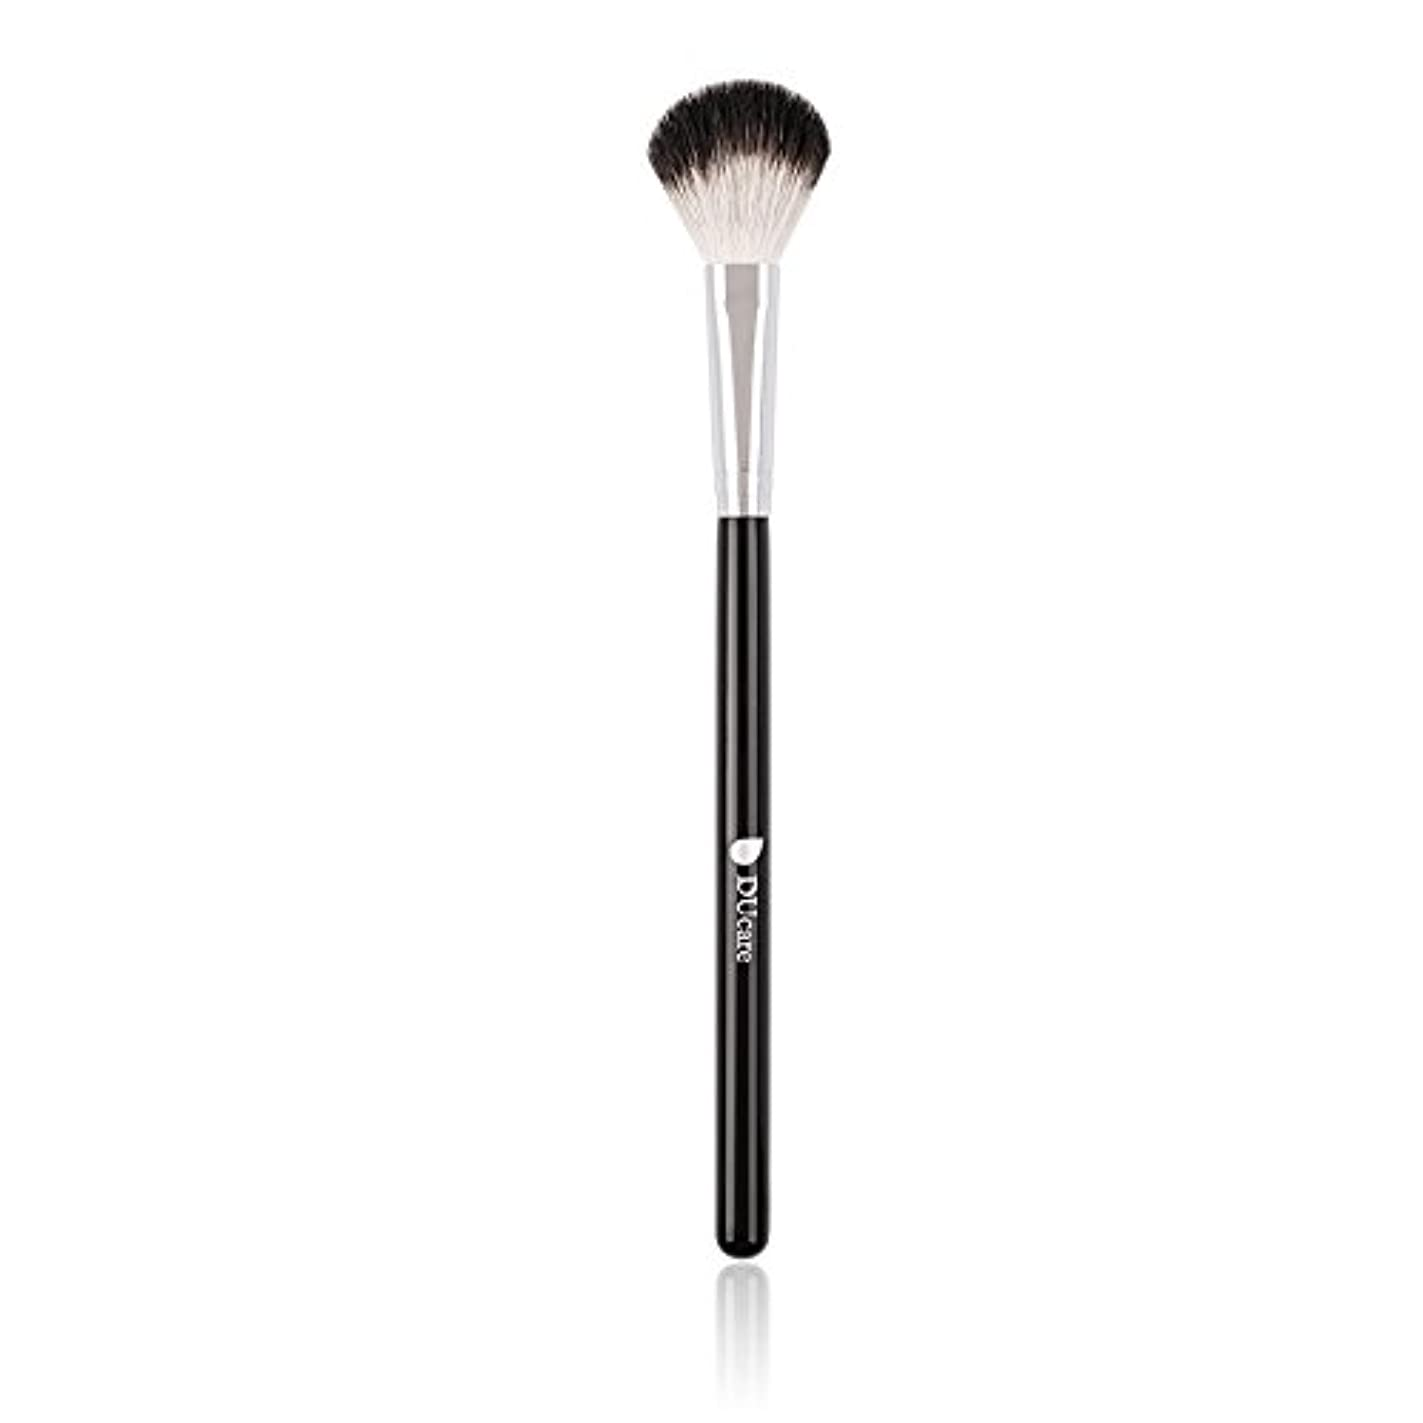 ミシン目ロードされたバーベキューDUcare ドゥケア 化粧筆 ハイライトブラシ 白尖峰を100%使用 ハイライト&チック&パウダー用